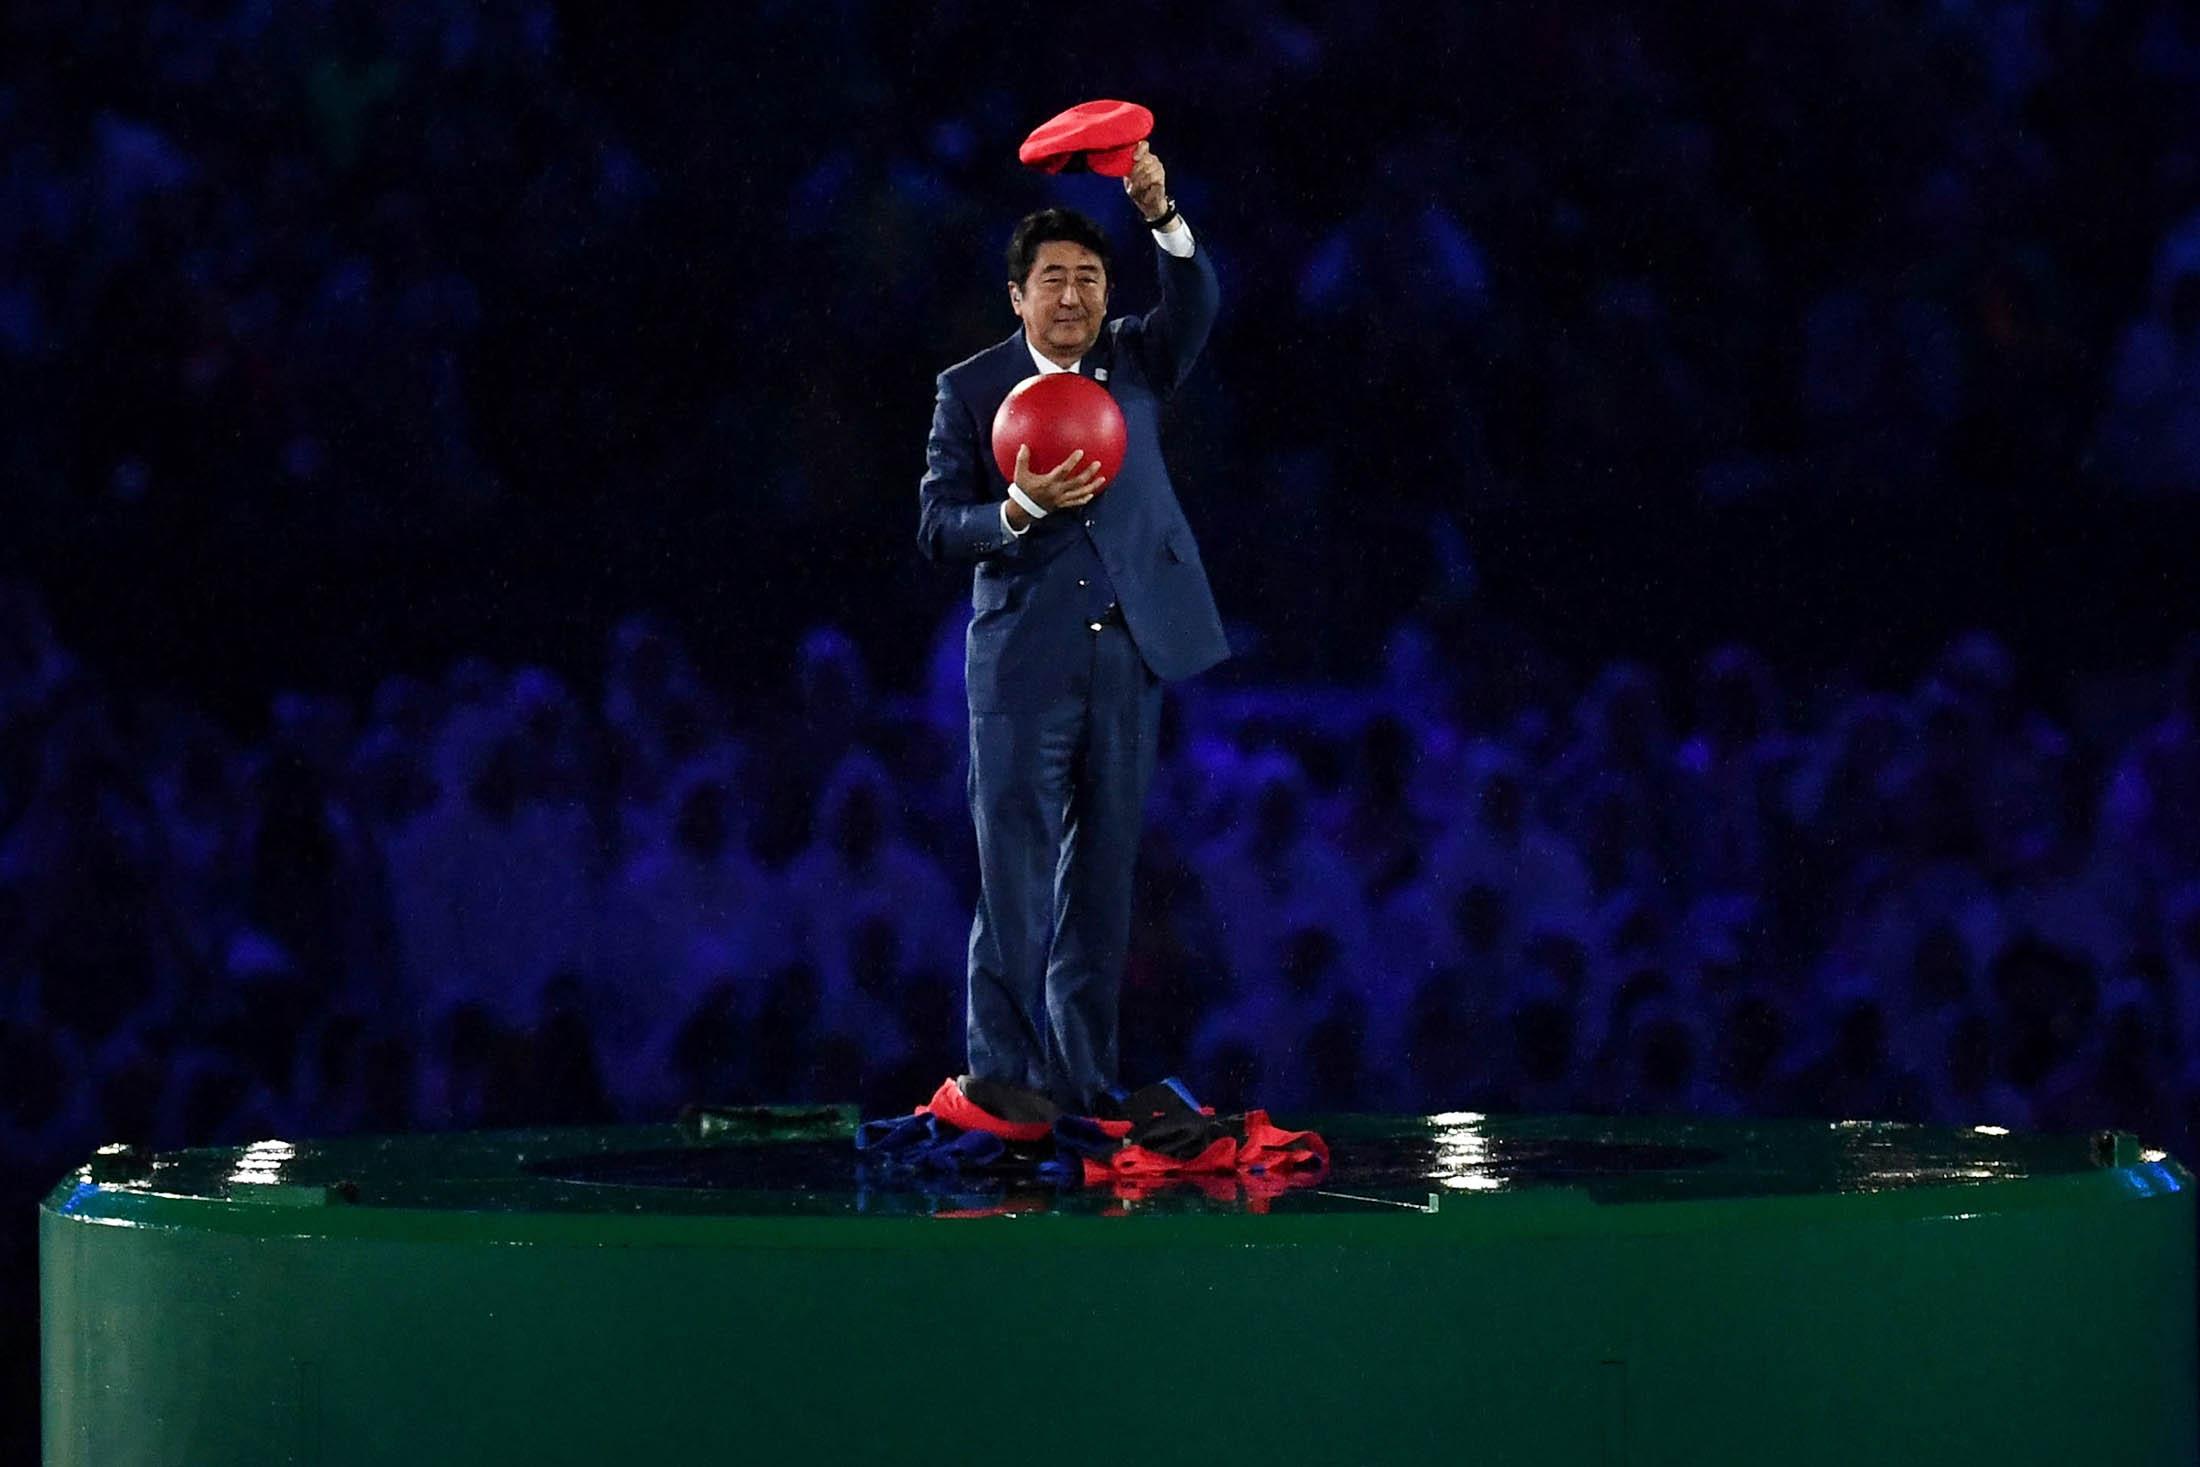 「安倍マリオ」が登場、サプライズ演出に沸く-リオ五輪閉会式